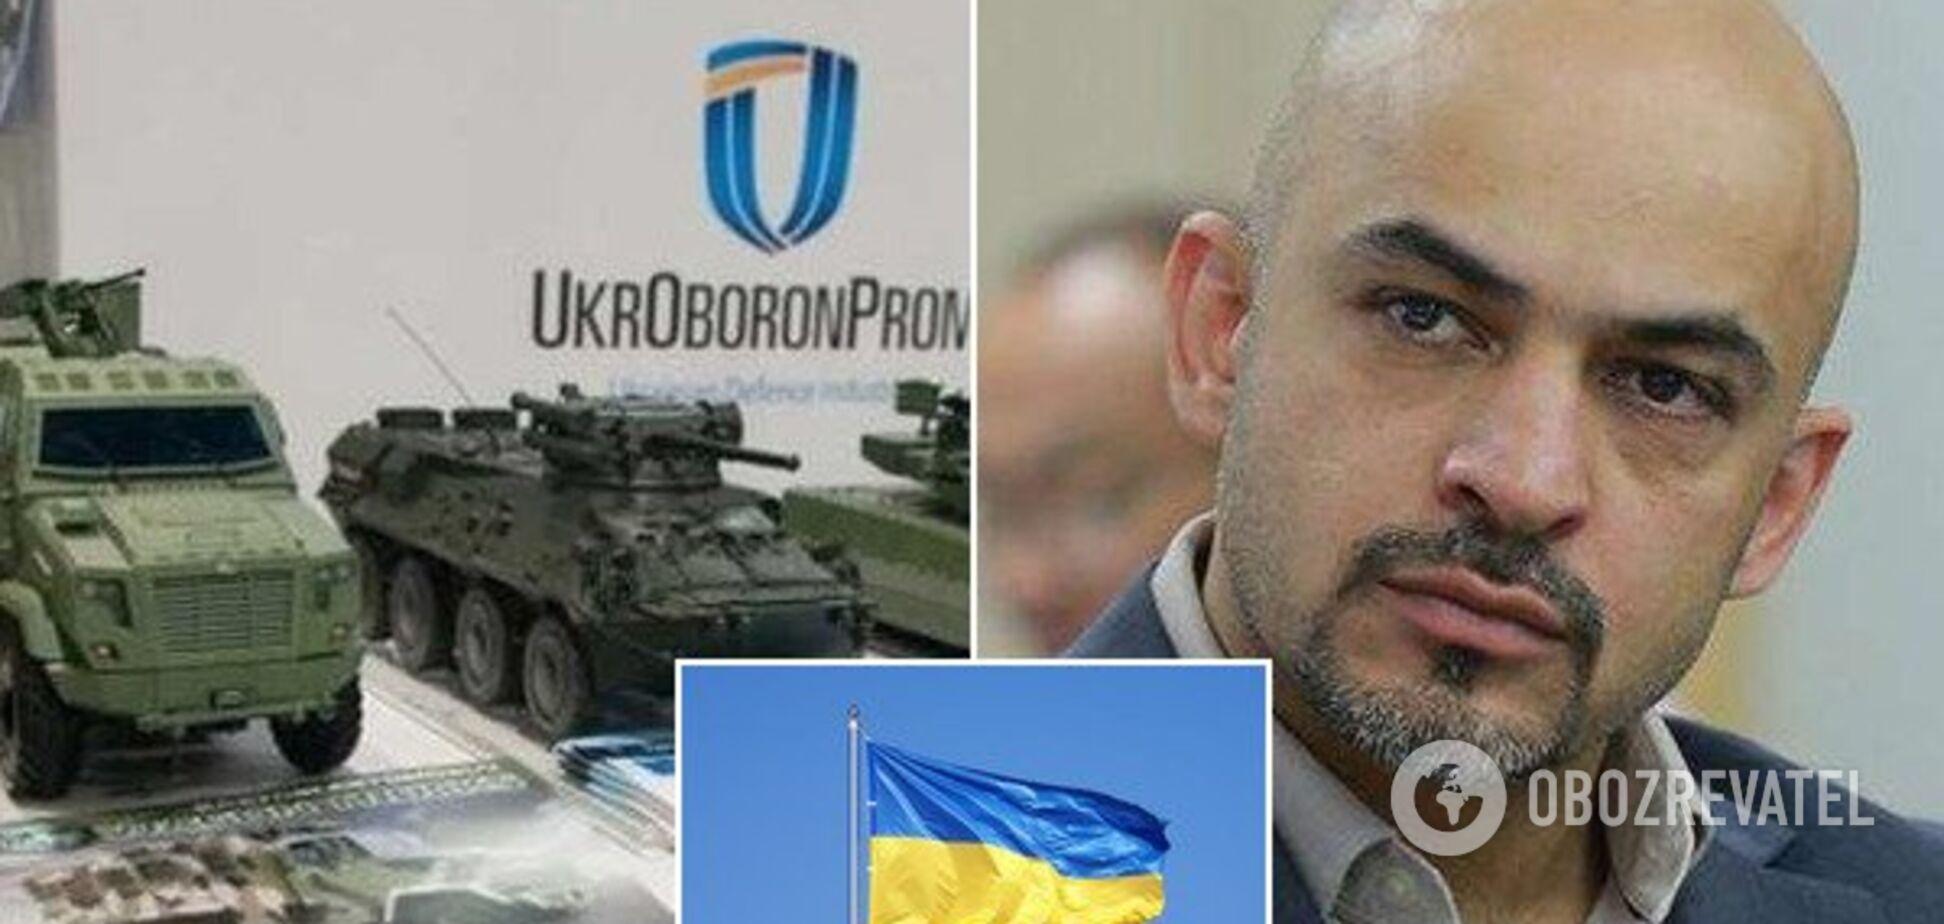 Найему дадут должность? СМИ узнали о новых кадровых перестановках в 'Укроборонпроме'